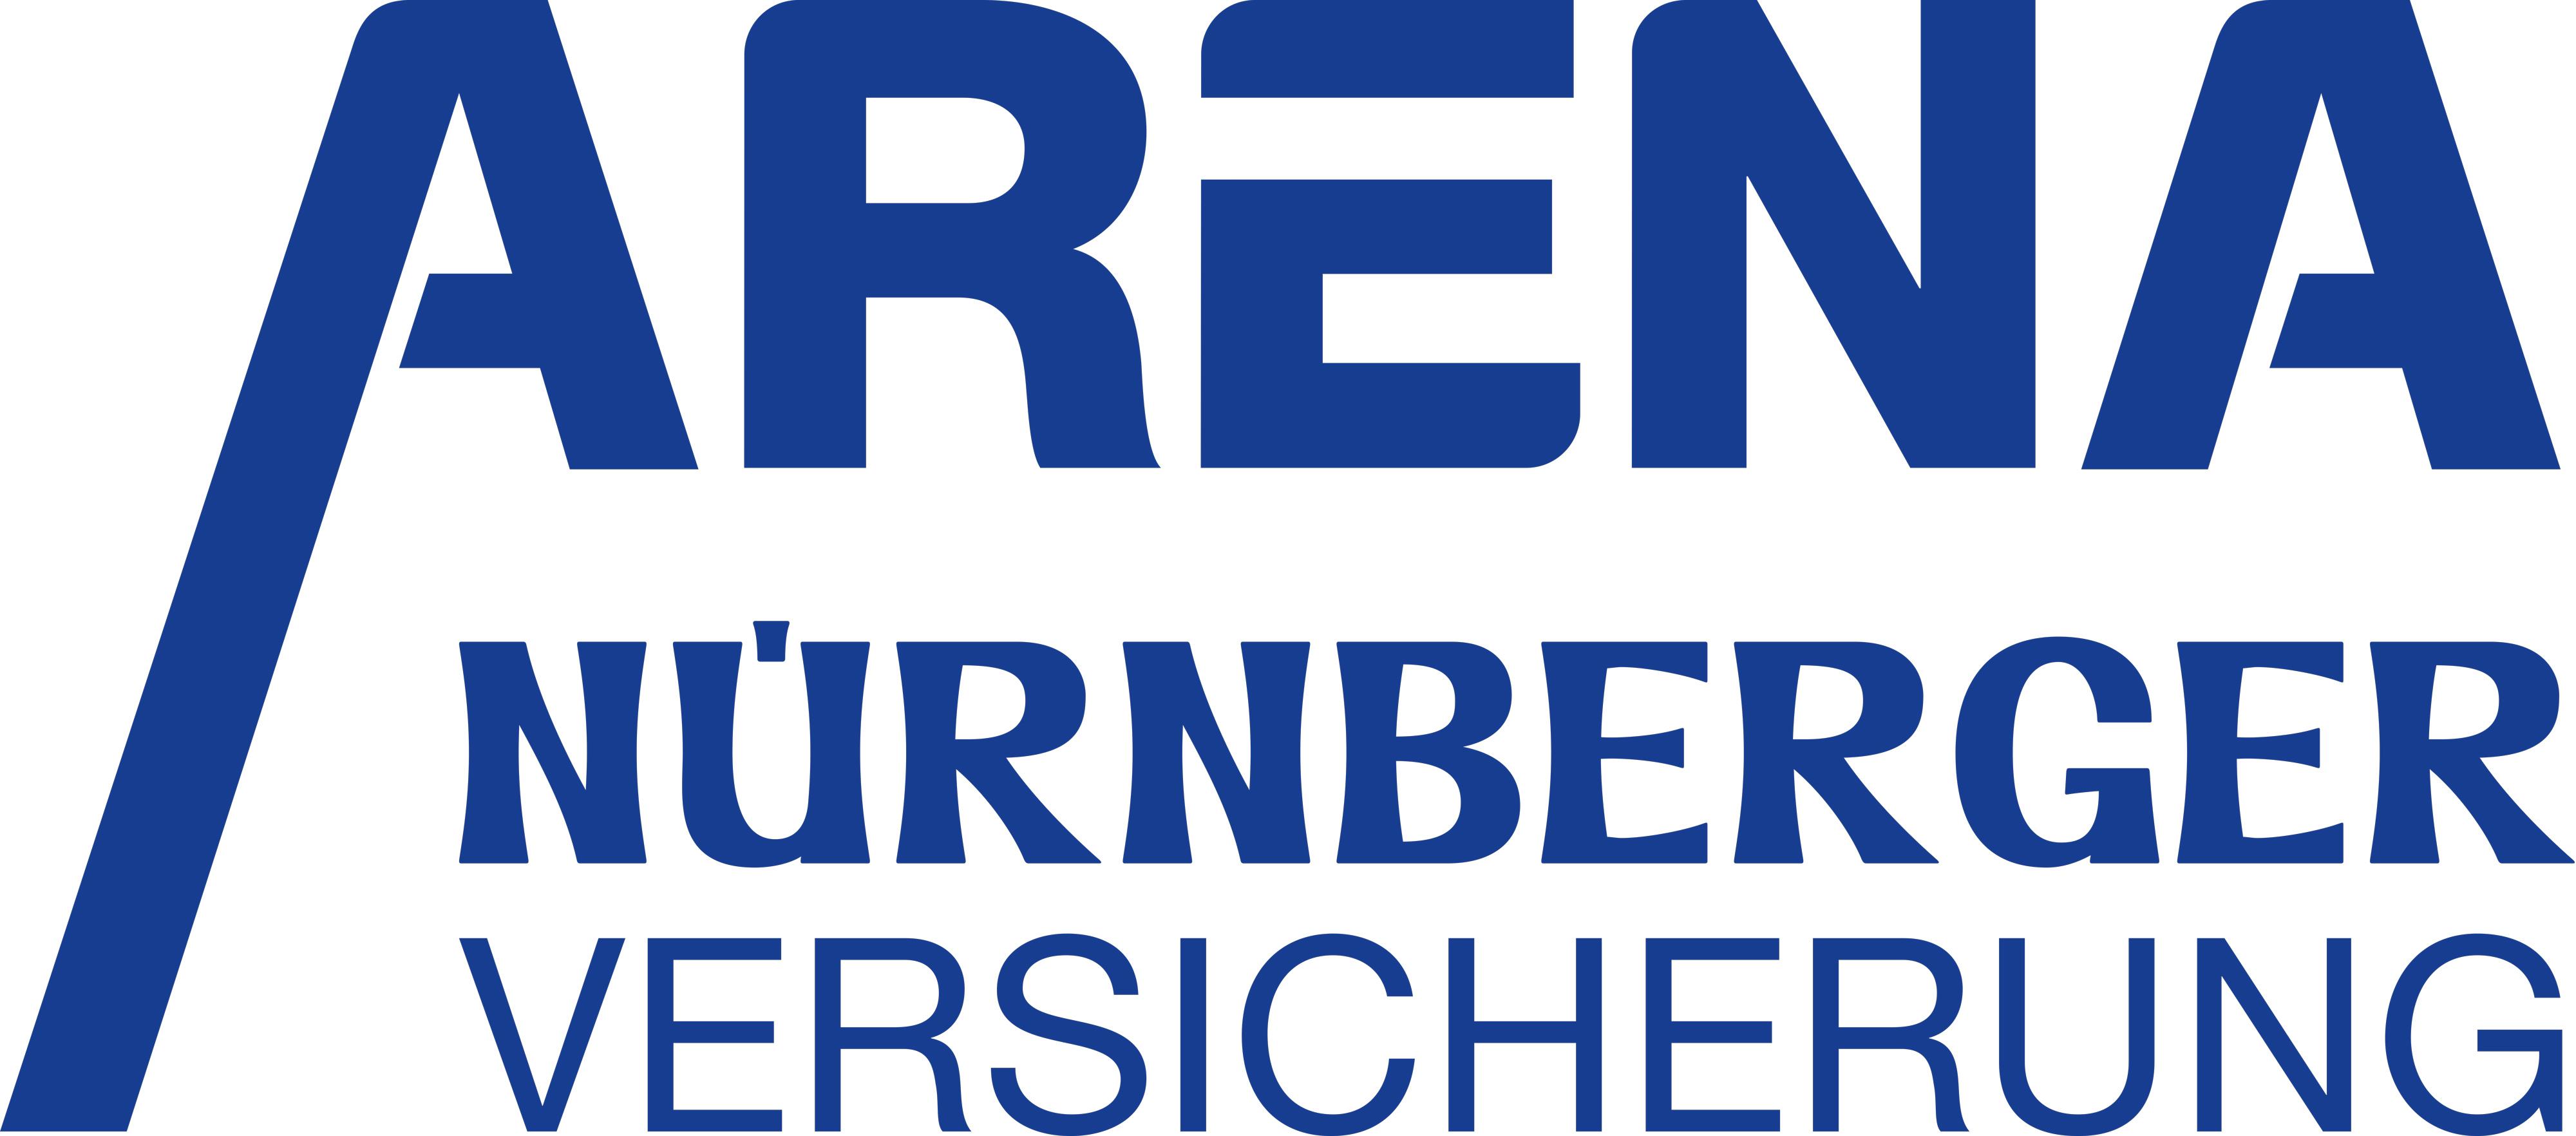 Arena Nurnberger Versicherung Fiylo